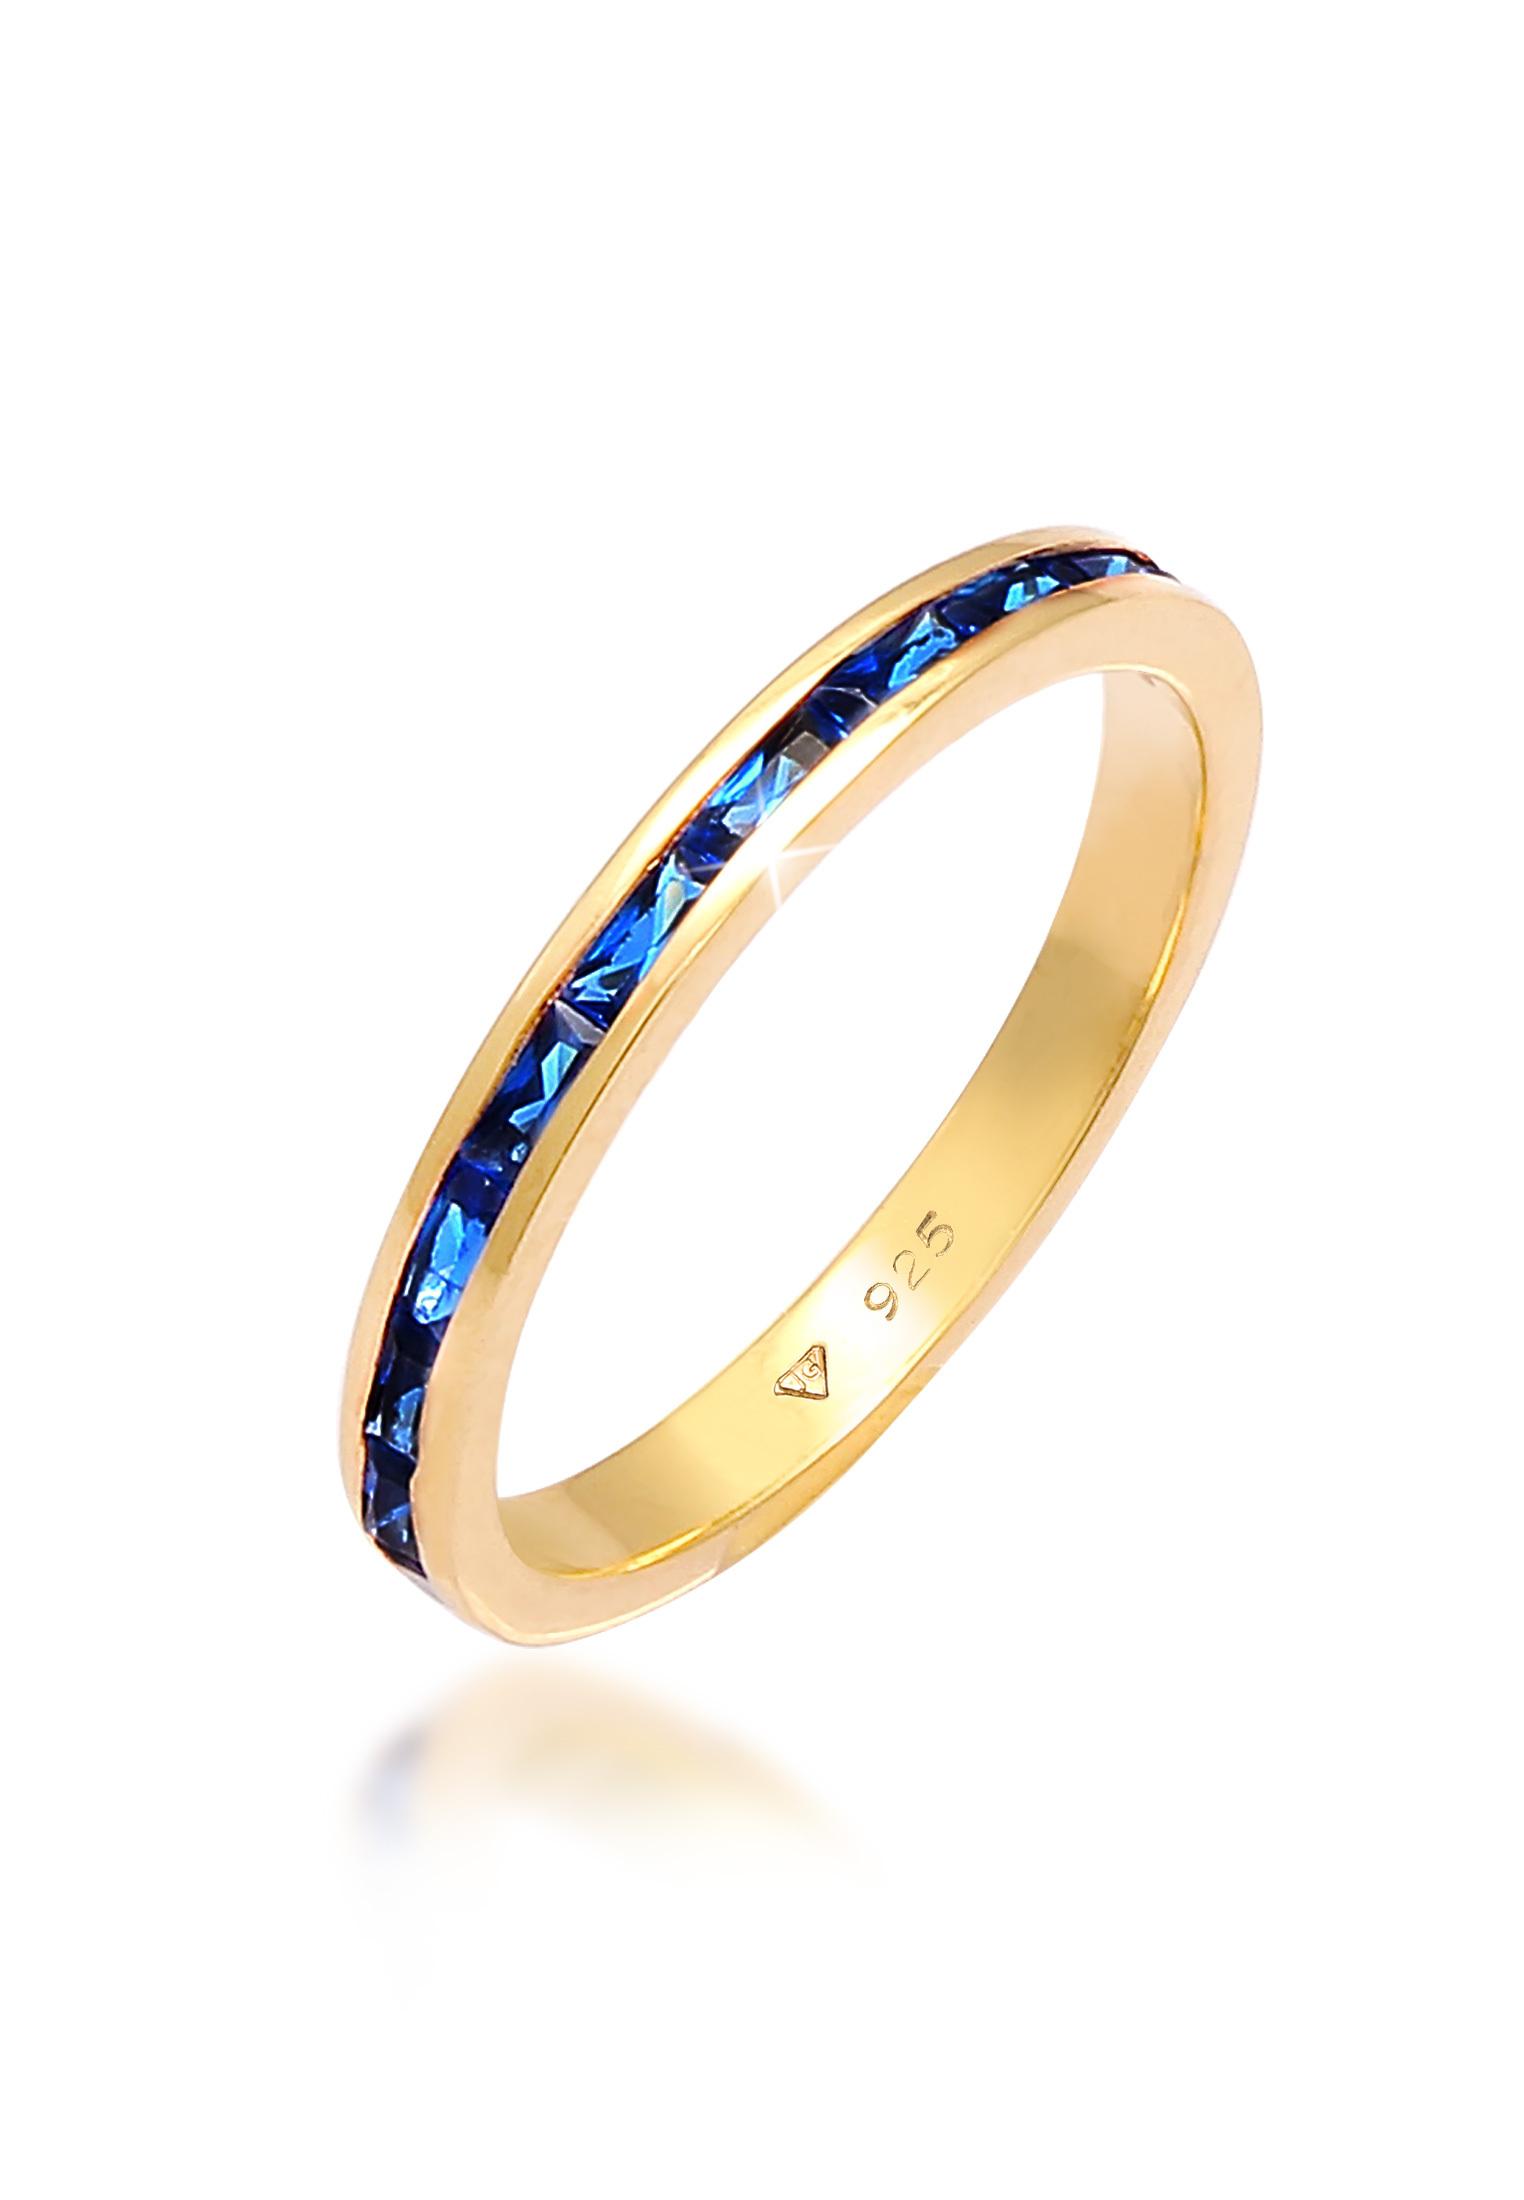 Bandring   Saphir ( Blau )   925 Sterling Silber vergoldet